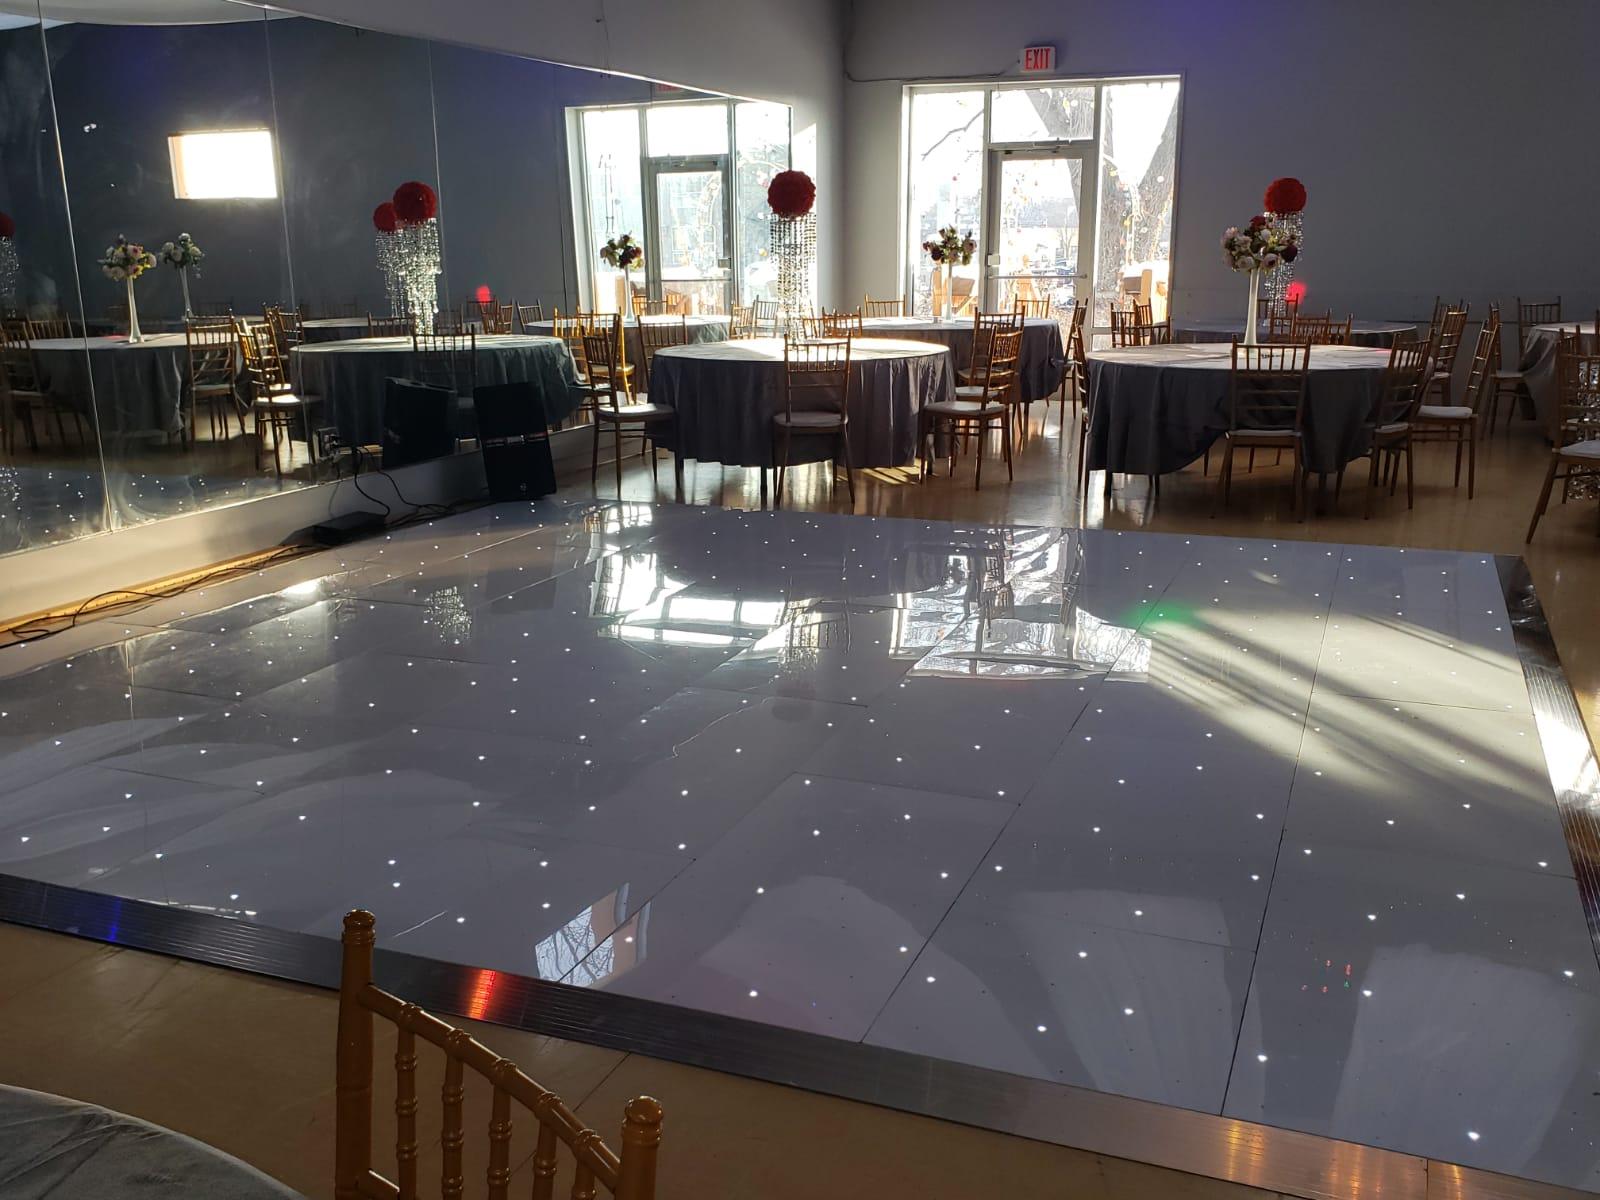 Led starlight dance floor